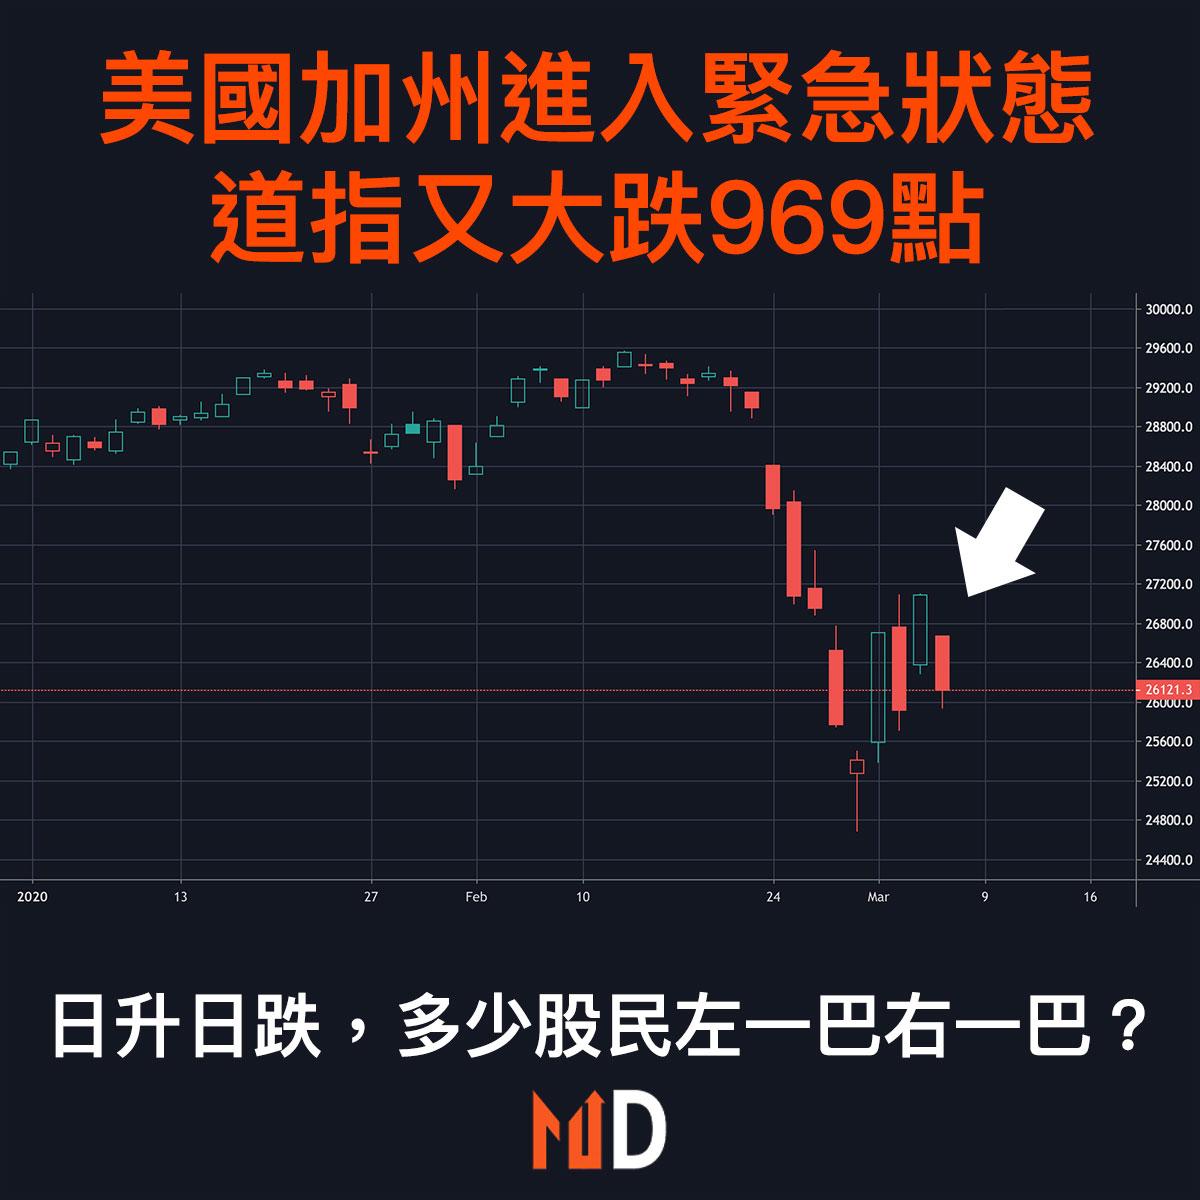 【市場熱話】美國加州進入緊急狀態,道指又大跌969點